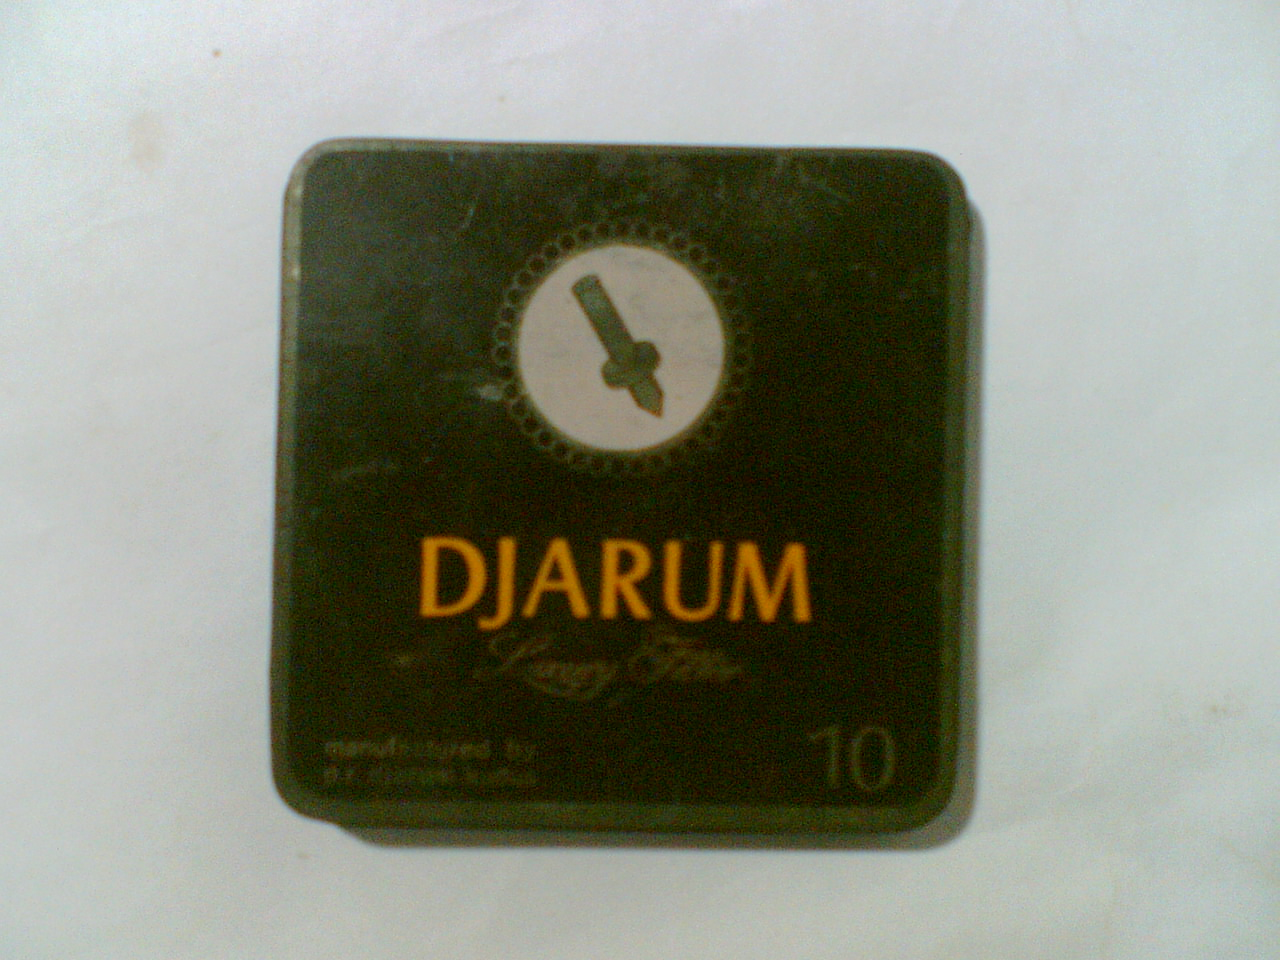 Rokok Djarum